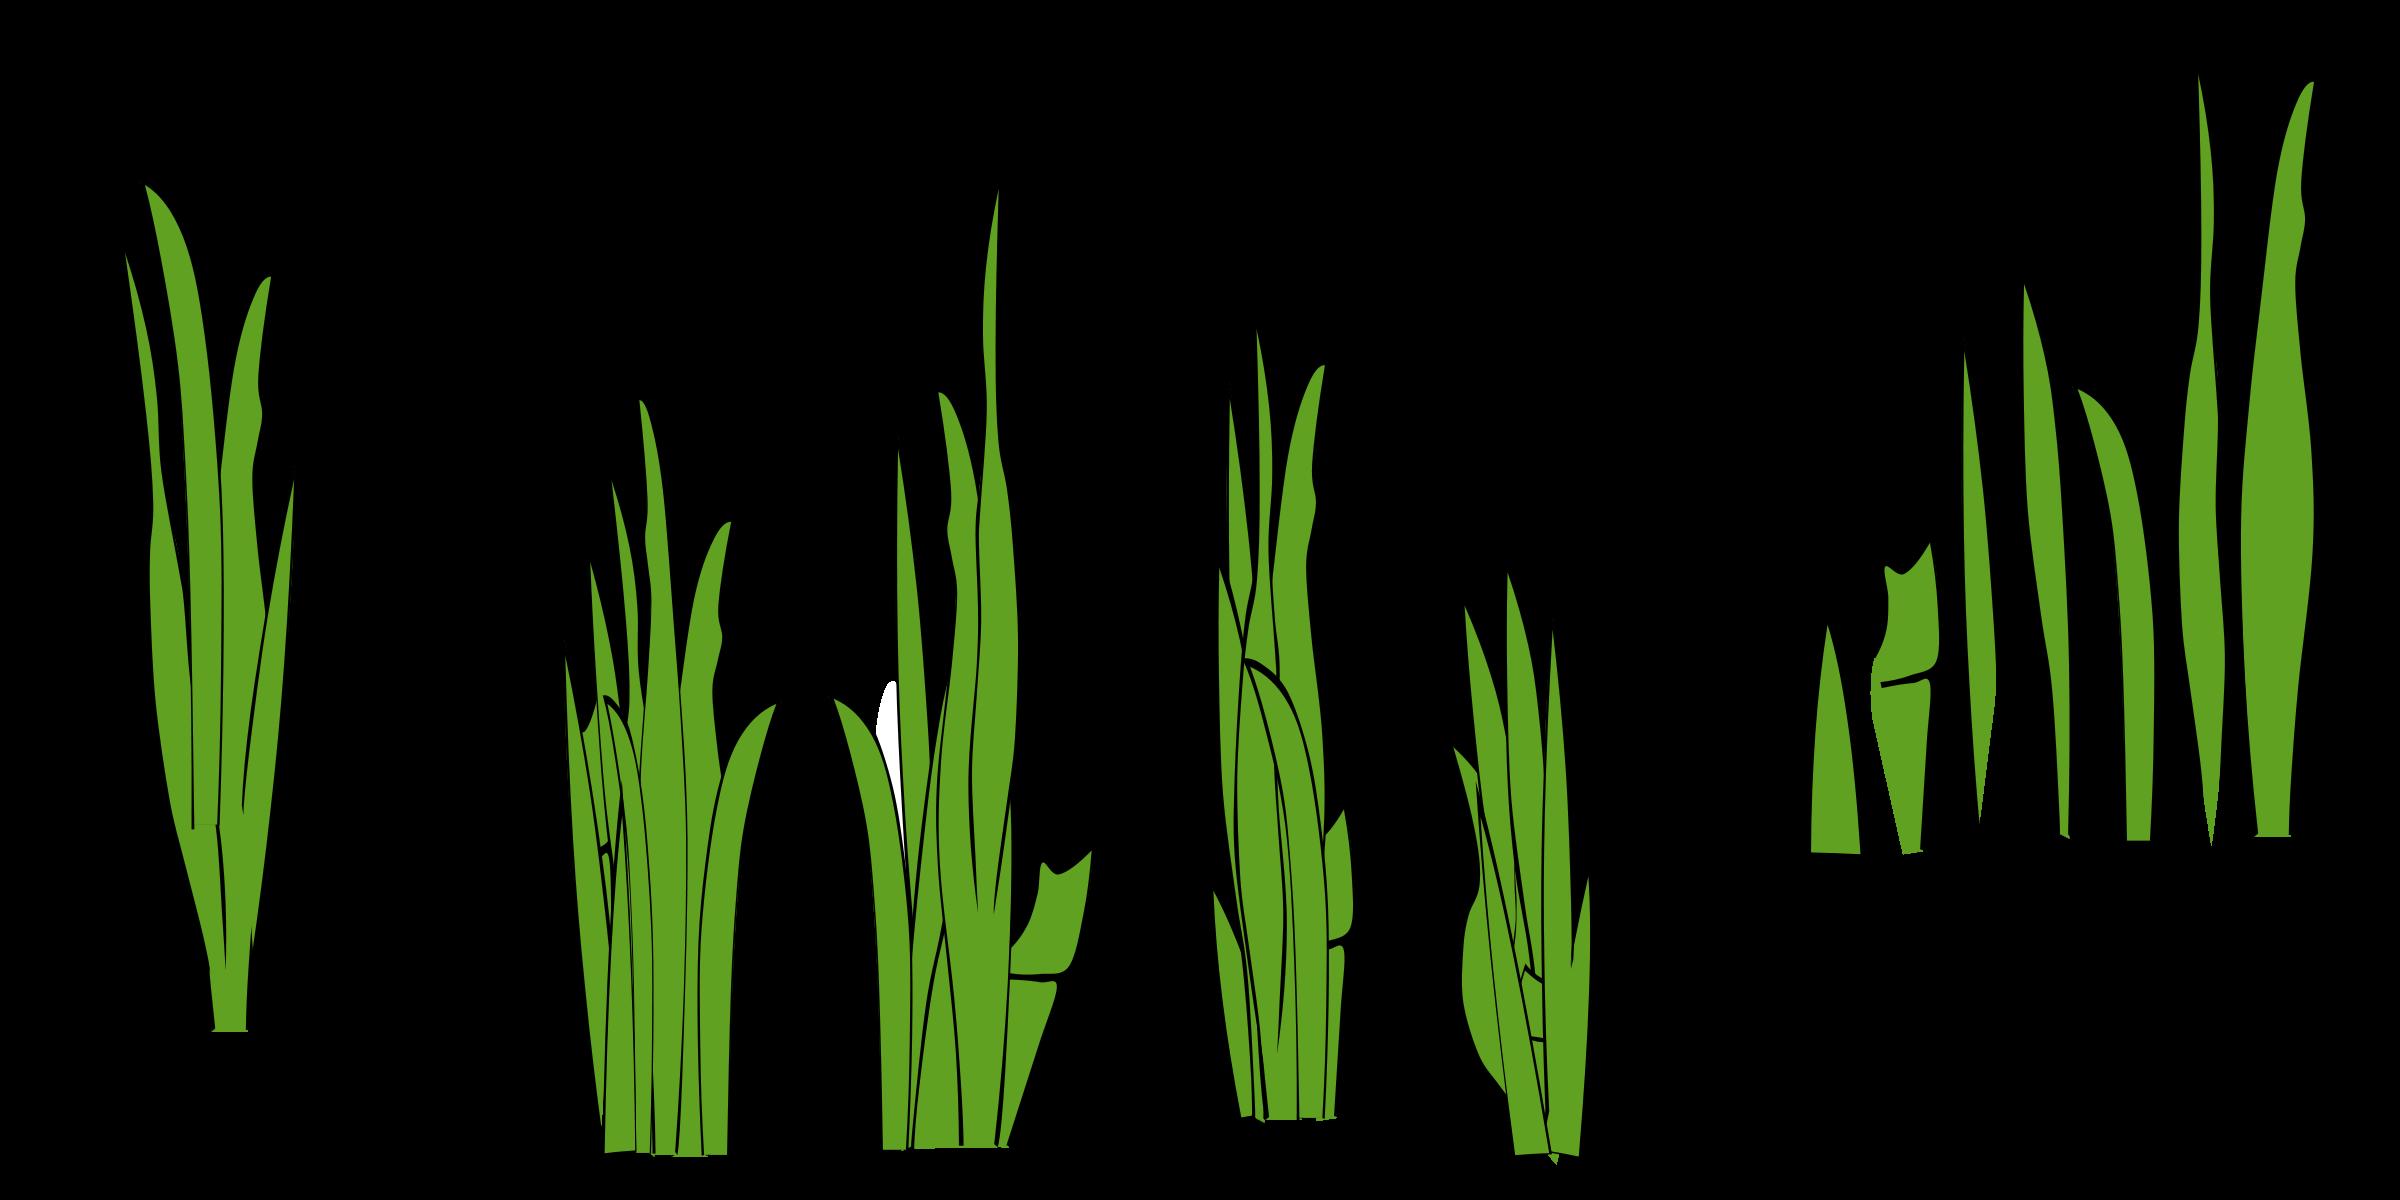 Grass clipart 2 3